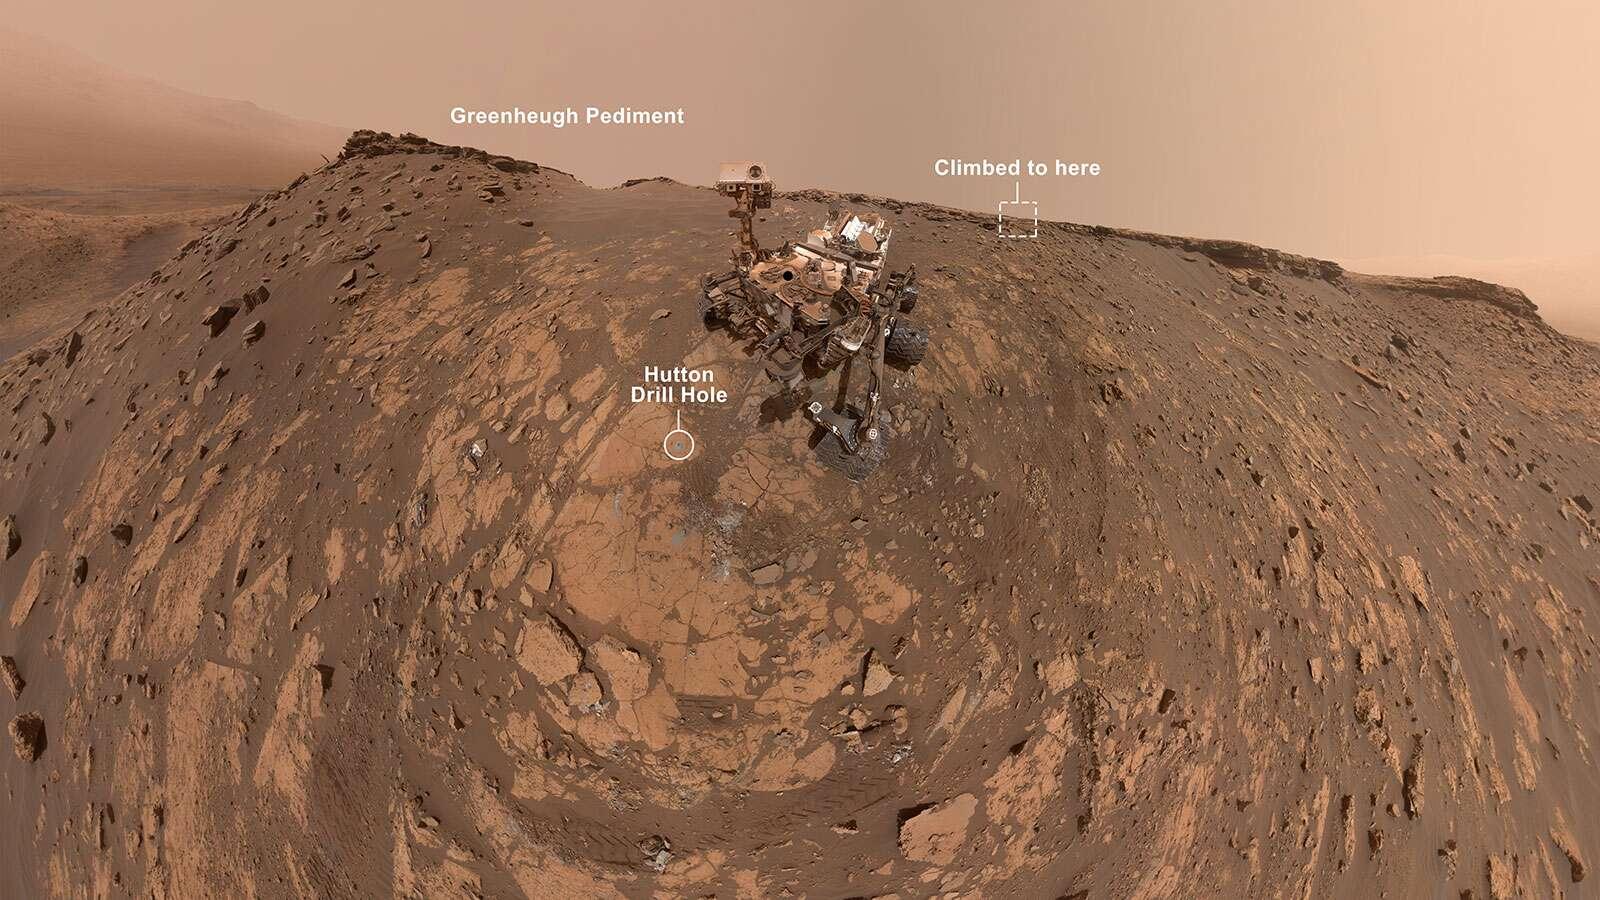 Le selfie pris par Curiosity avant son ascension du glacis de Greenheugh, le 26 février dernier. © Nasa, JPL-Caltech, MSSS